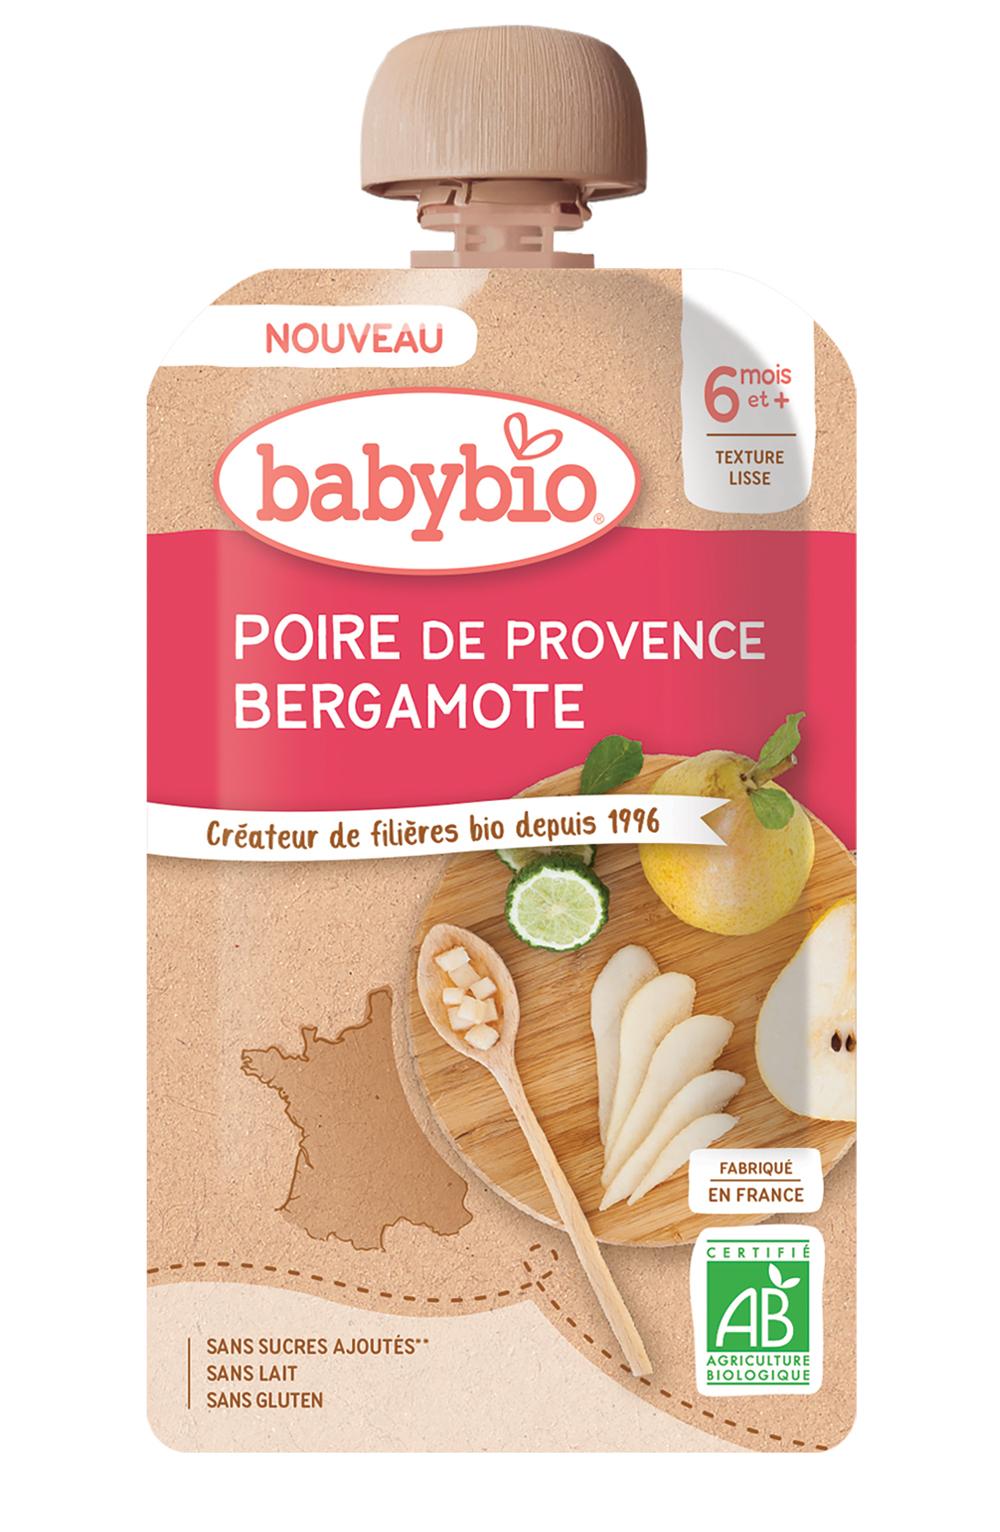 babybio Poire de Provence bergamote - Des bouquets de saveurs pour bébé avec les gourdes Babybio